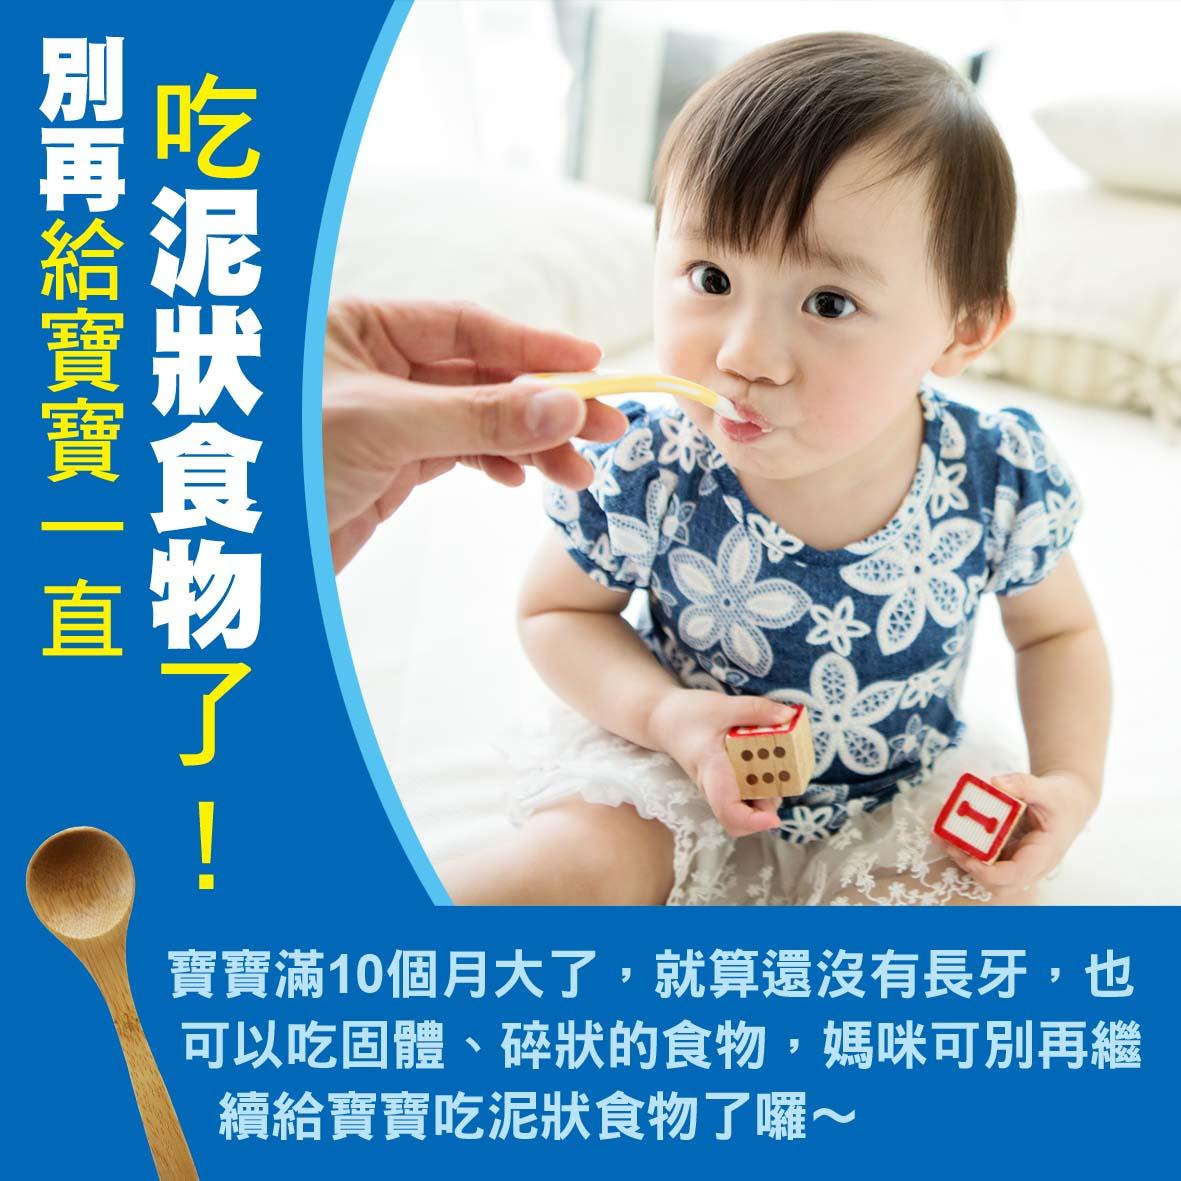 寶寶篇第40週-別再給寶寶一直吃泥狀食物了!